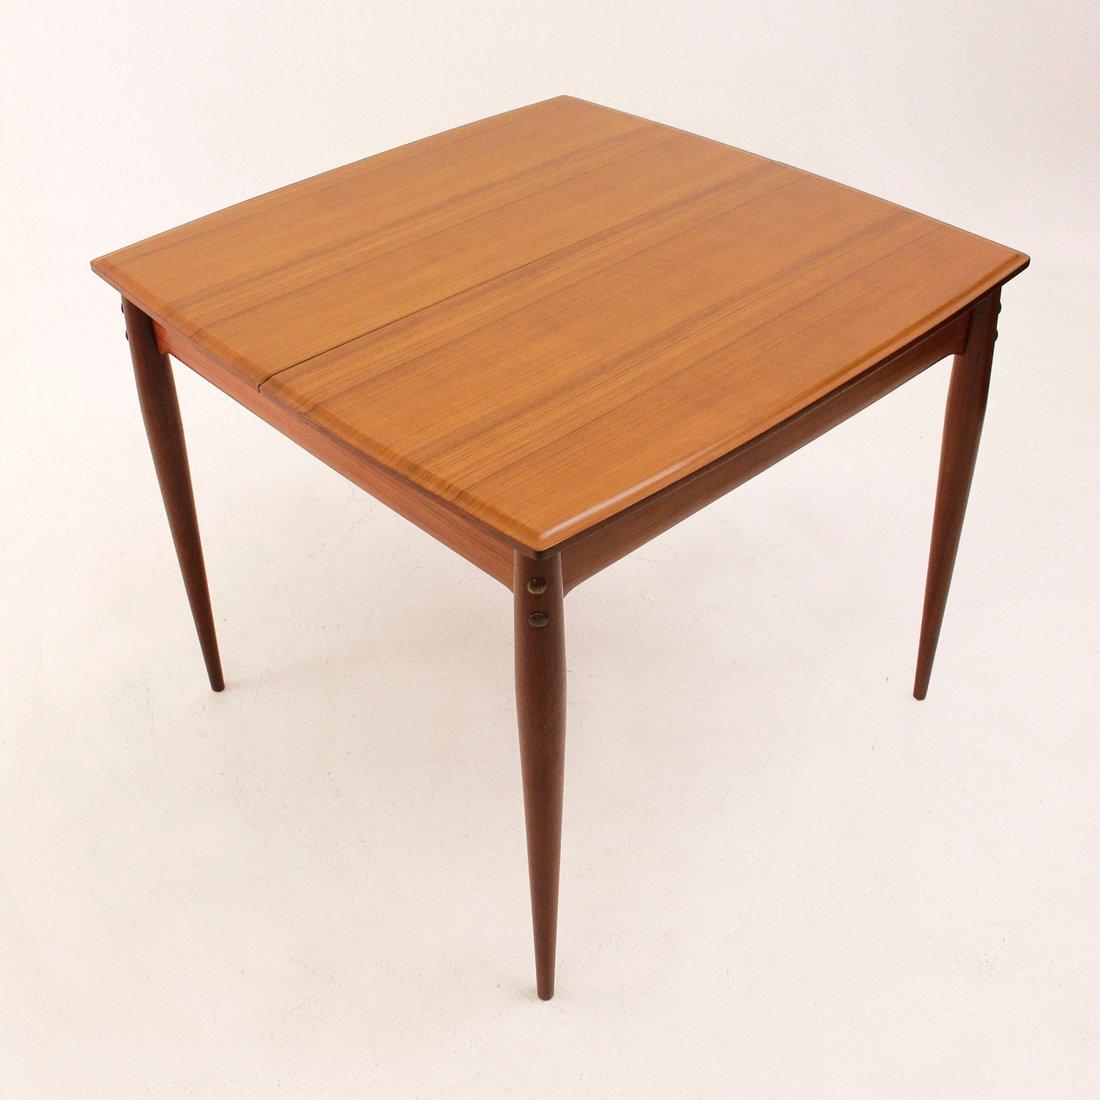 viereckiger ausziehbarer italienischer esstisch 1950er. Black Bedroom Furniture Sets. Home Design Ideas